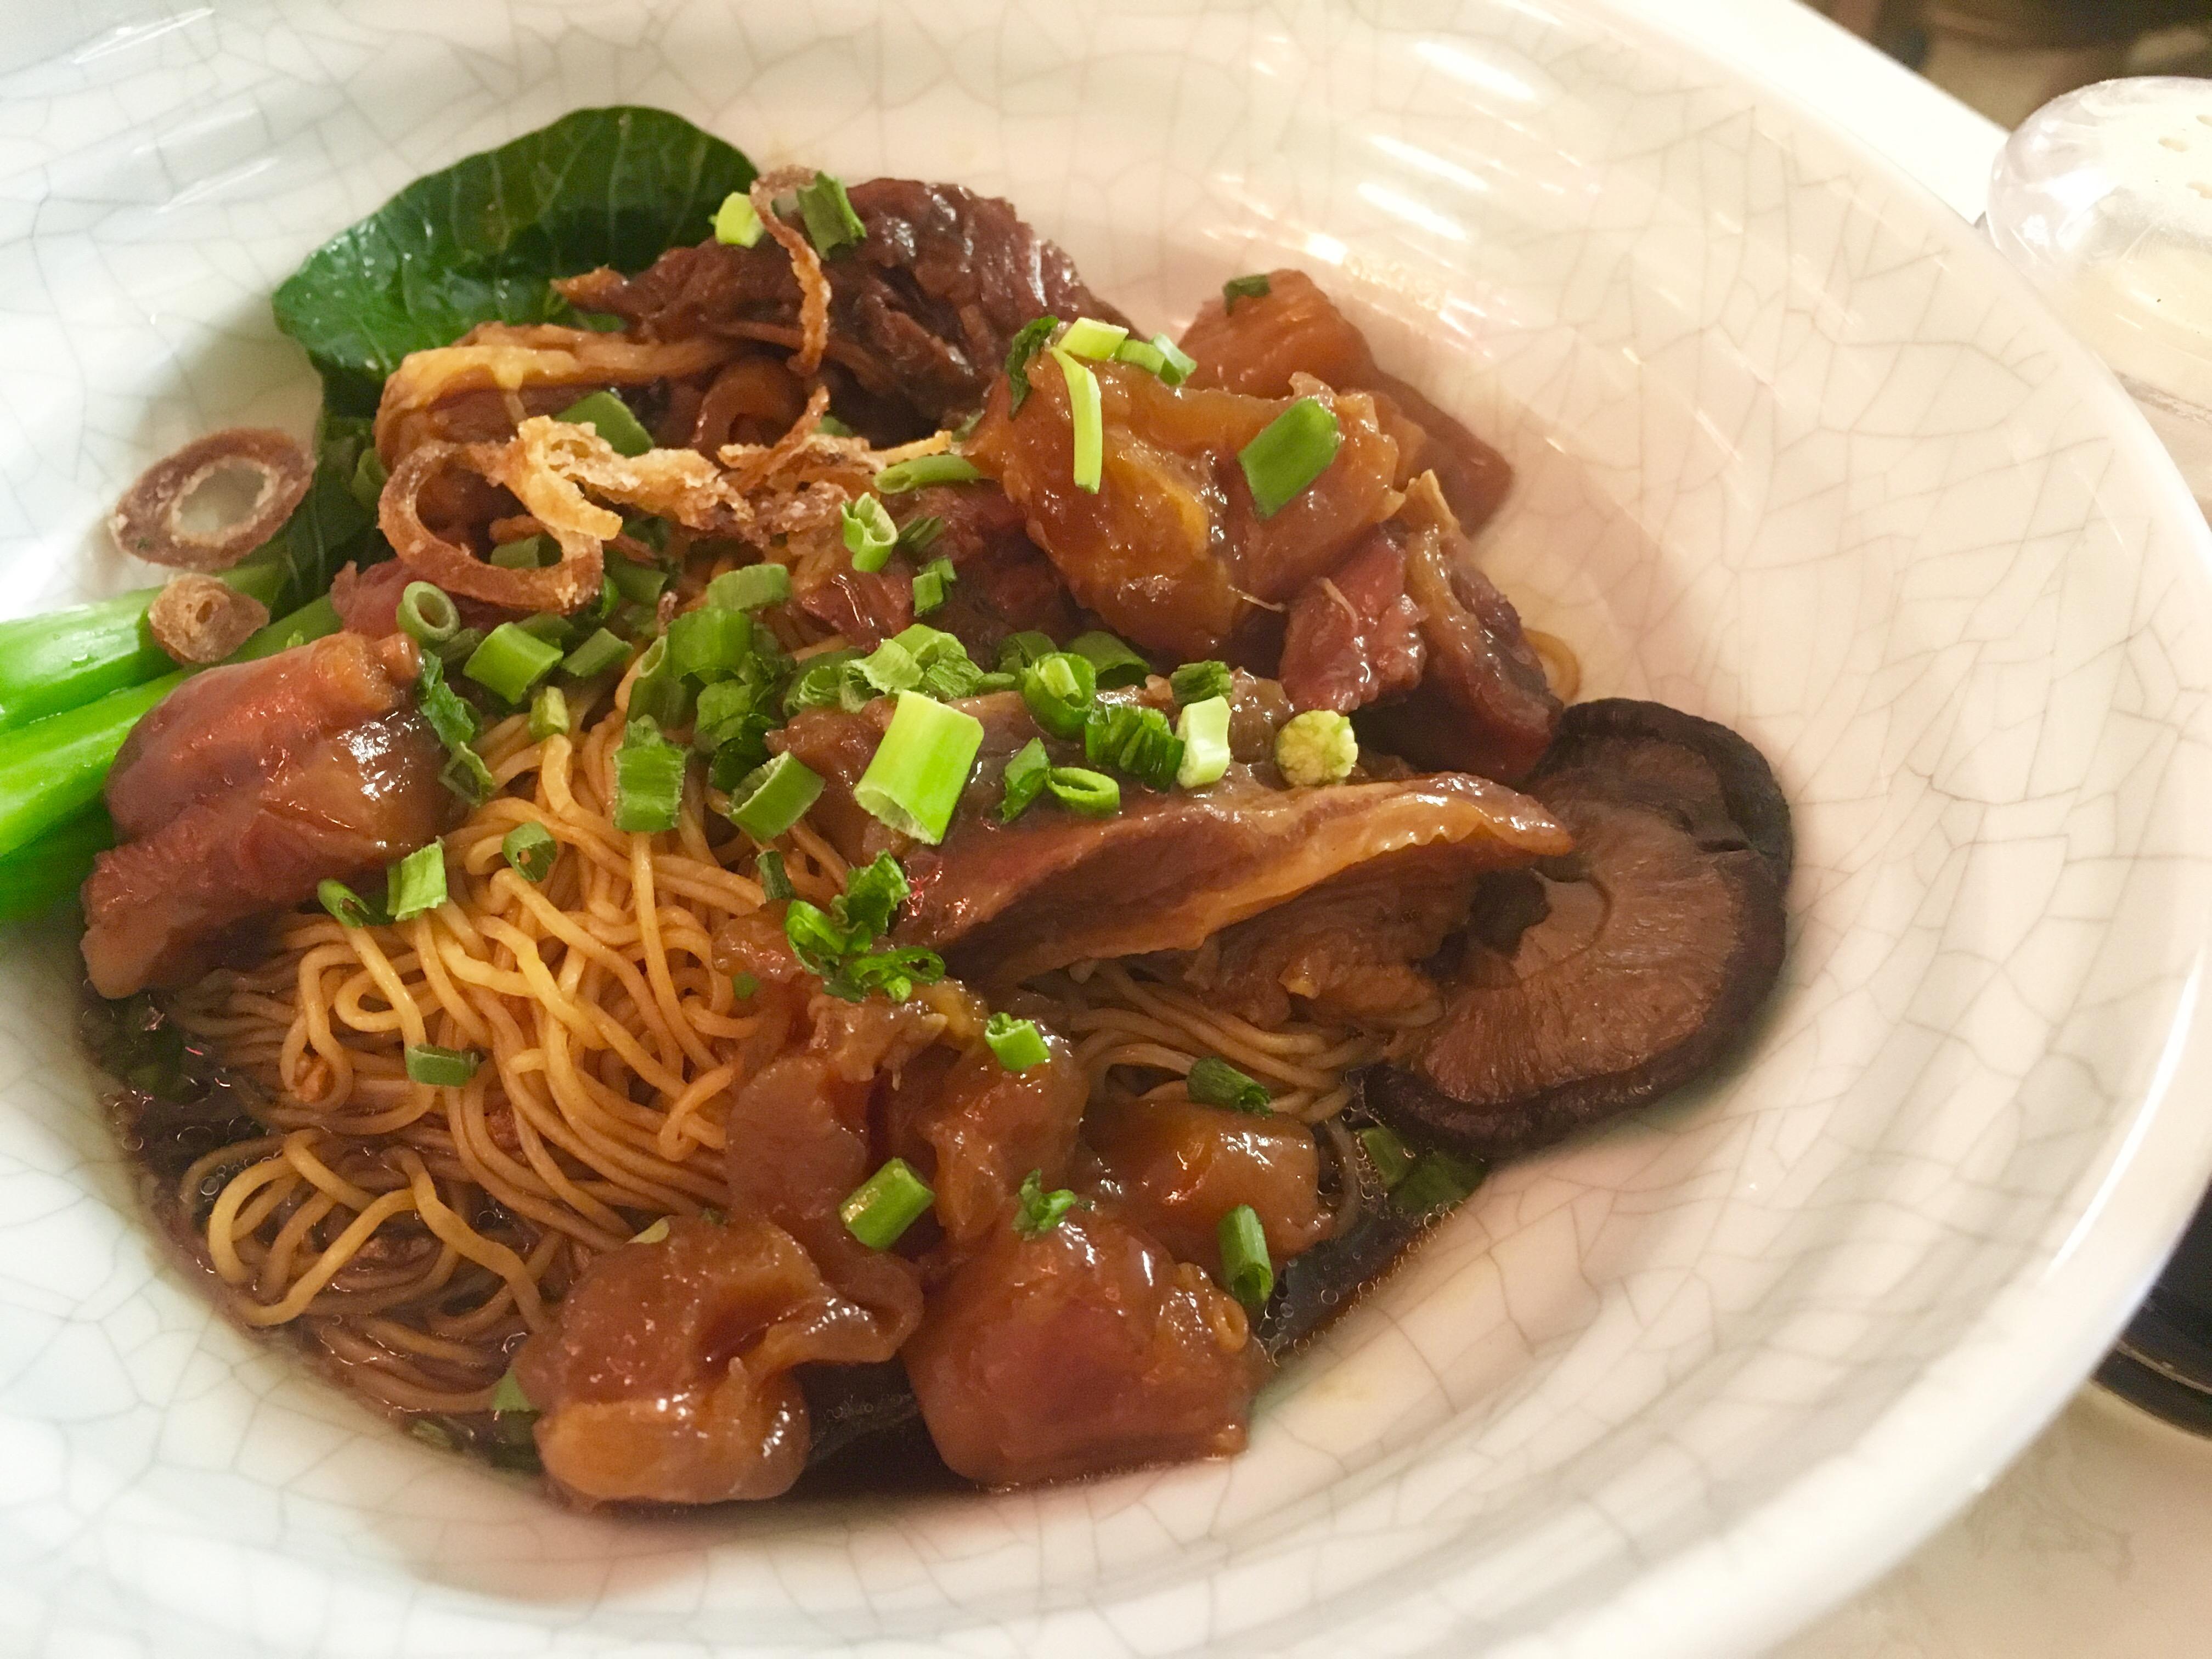 The Dim Sum Place - Beef Brisket Noodles 2